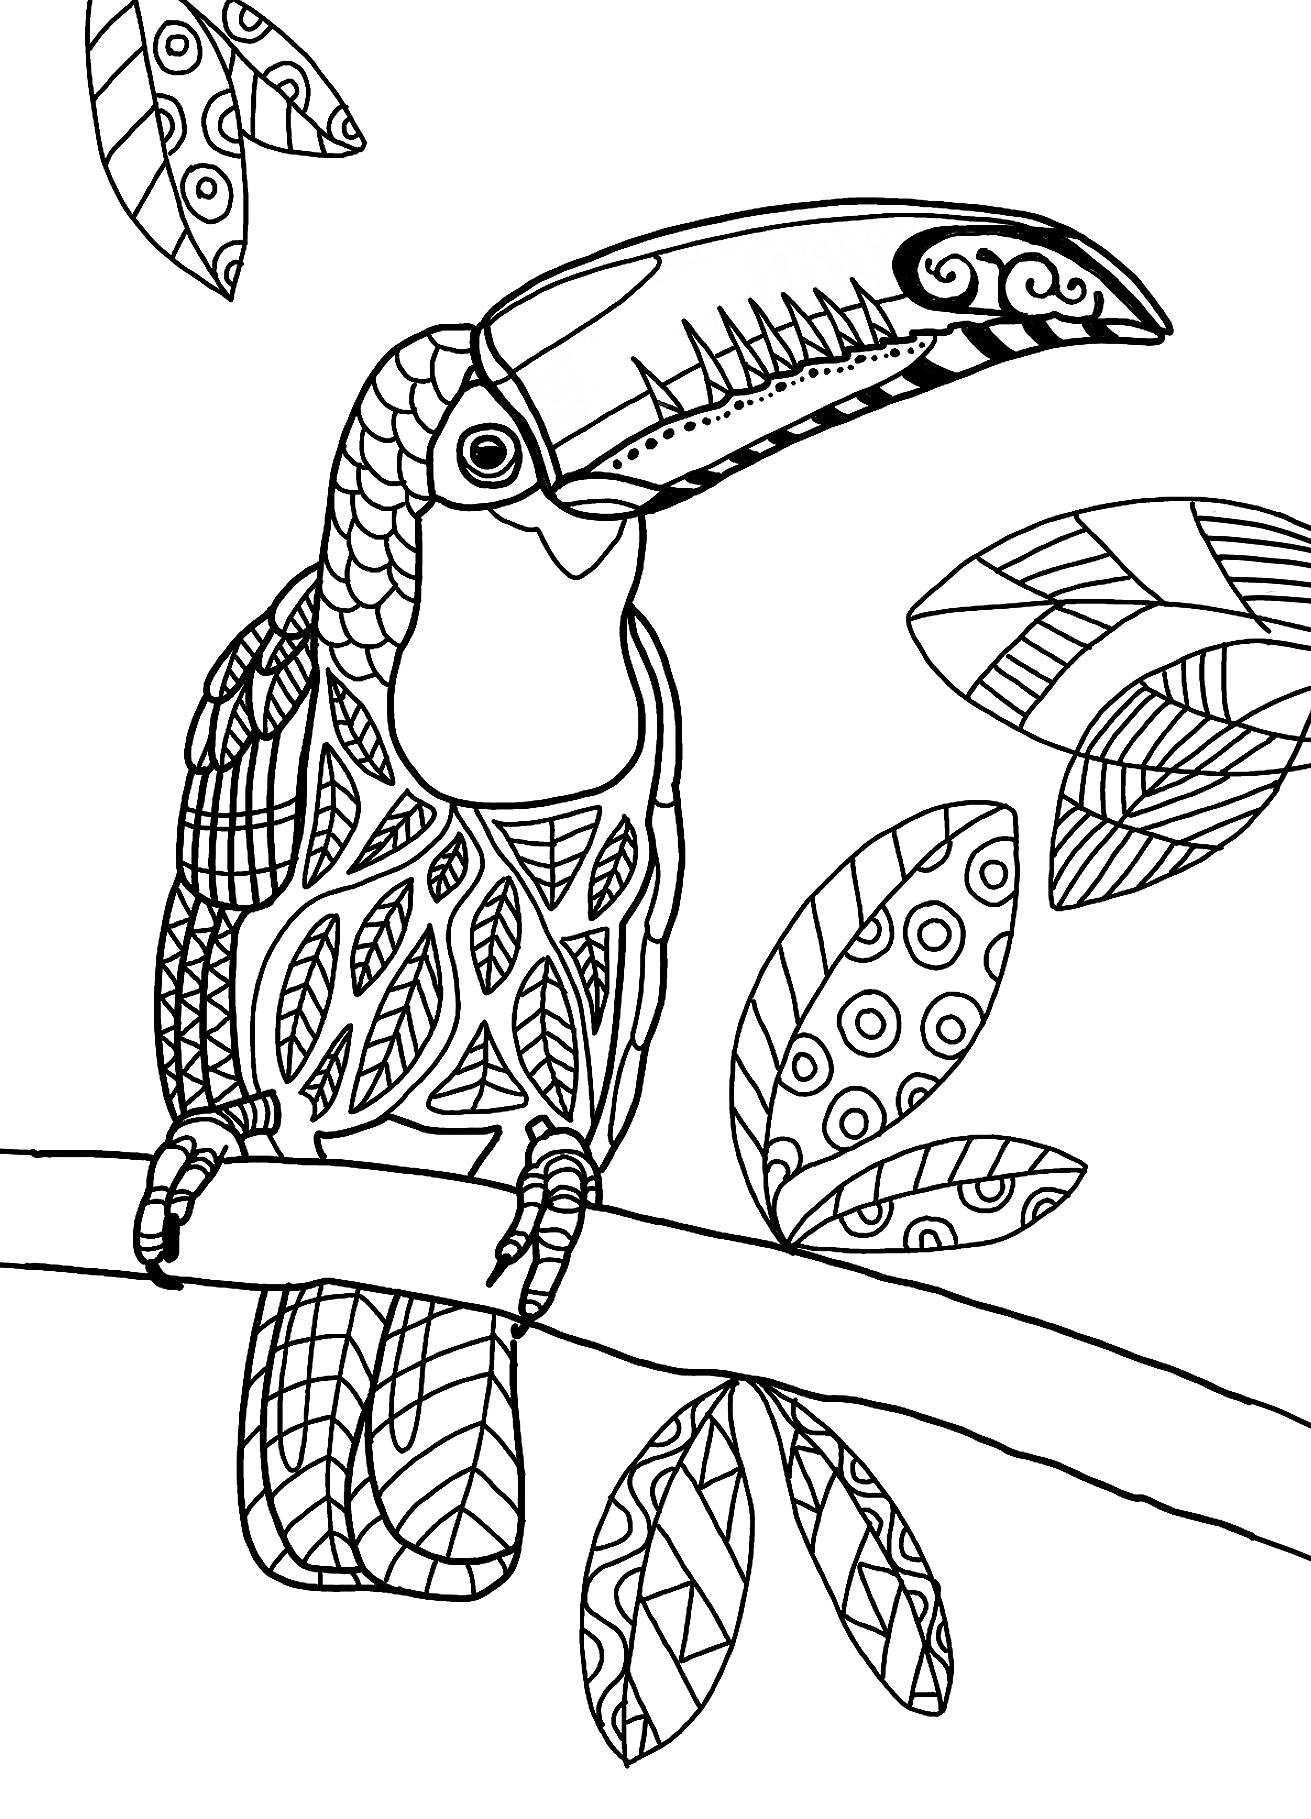 der regenwald-shop - postkarte zum ausmalen - riesentukan